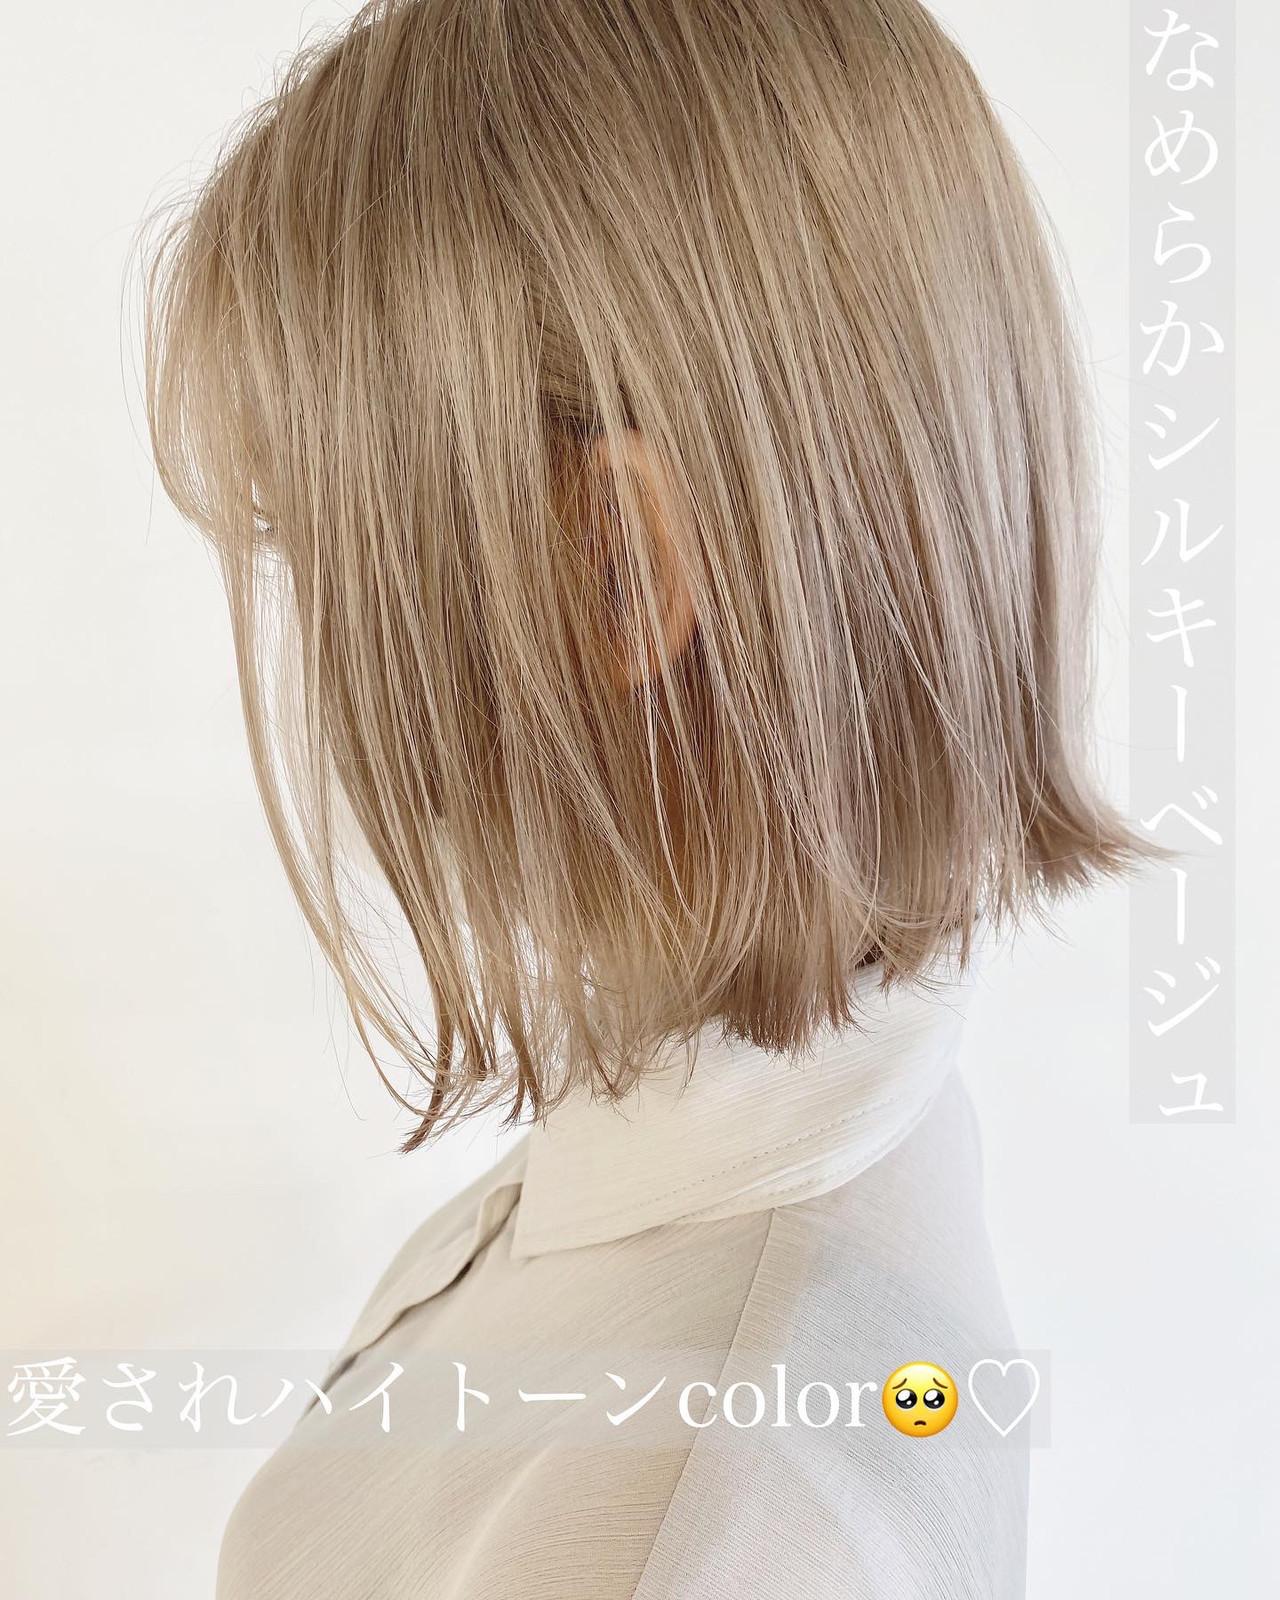 ボブ ホワイトベージュ ブリーチカラー ブロンドカラー ヘアスタイルや髪型の写真・画像